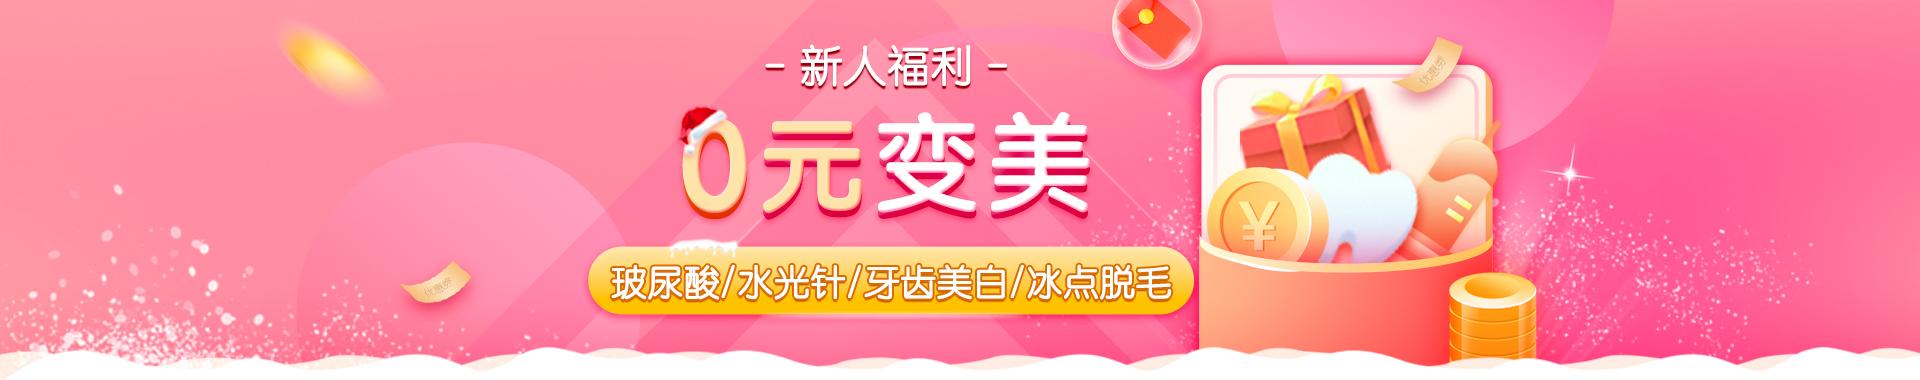 雙旦大促霸王餐pc banner